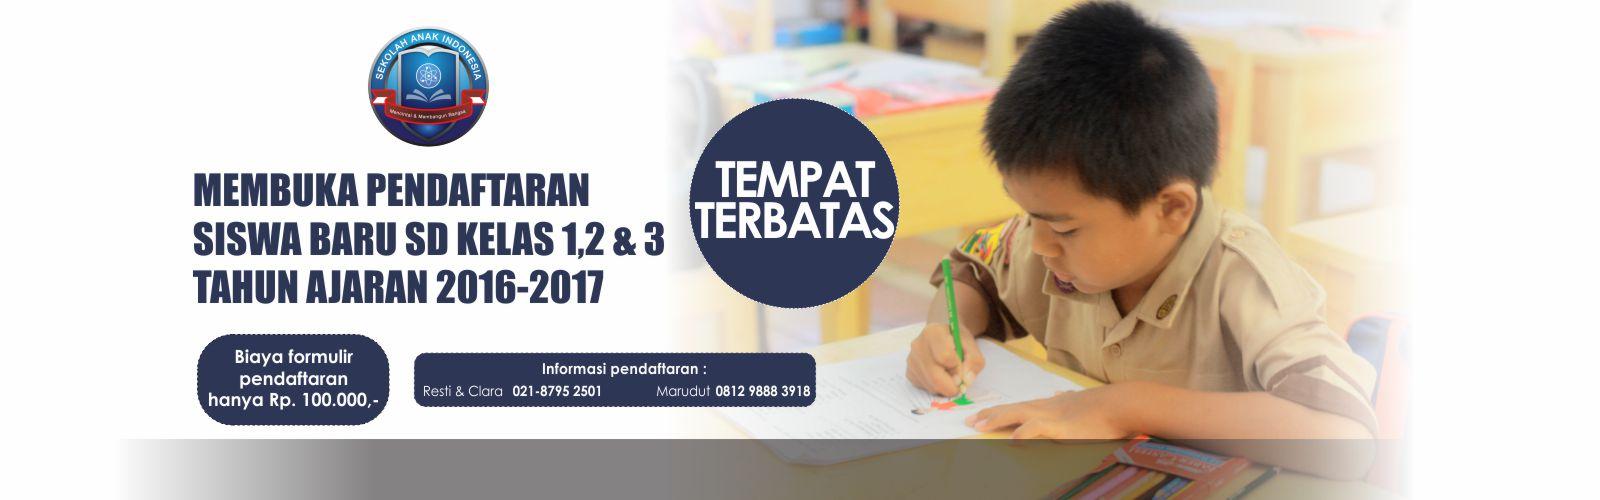 menerima_pendaftaran_siswa_baru_2016-2017